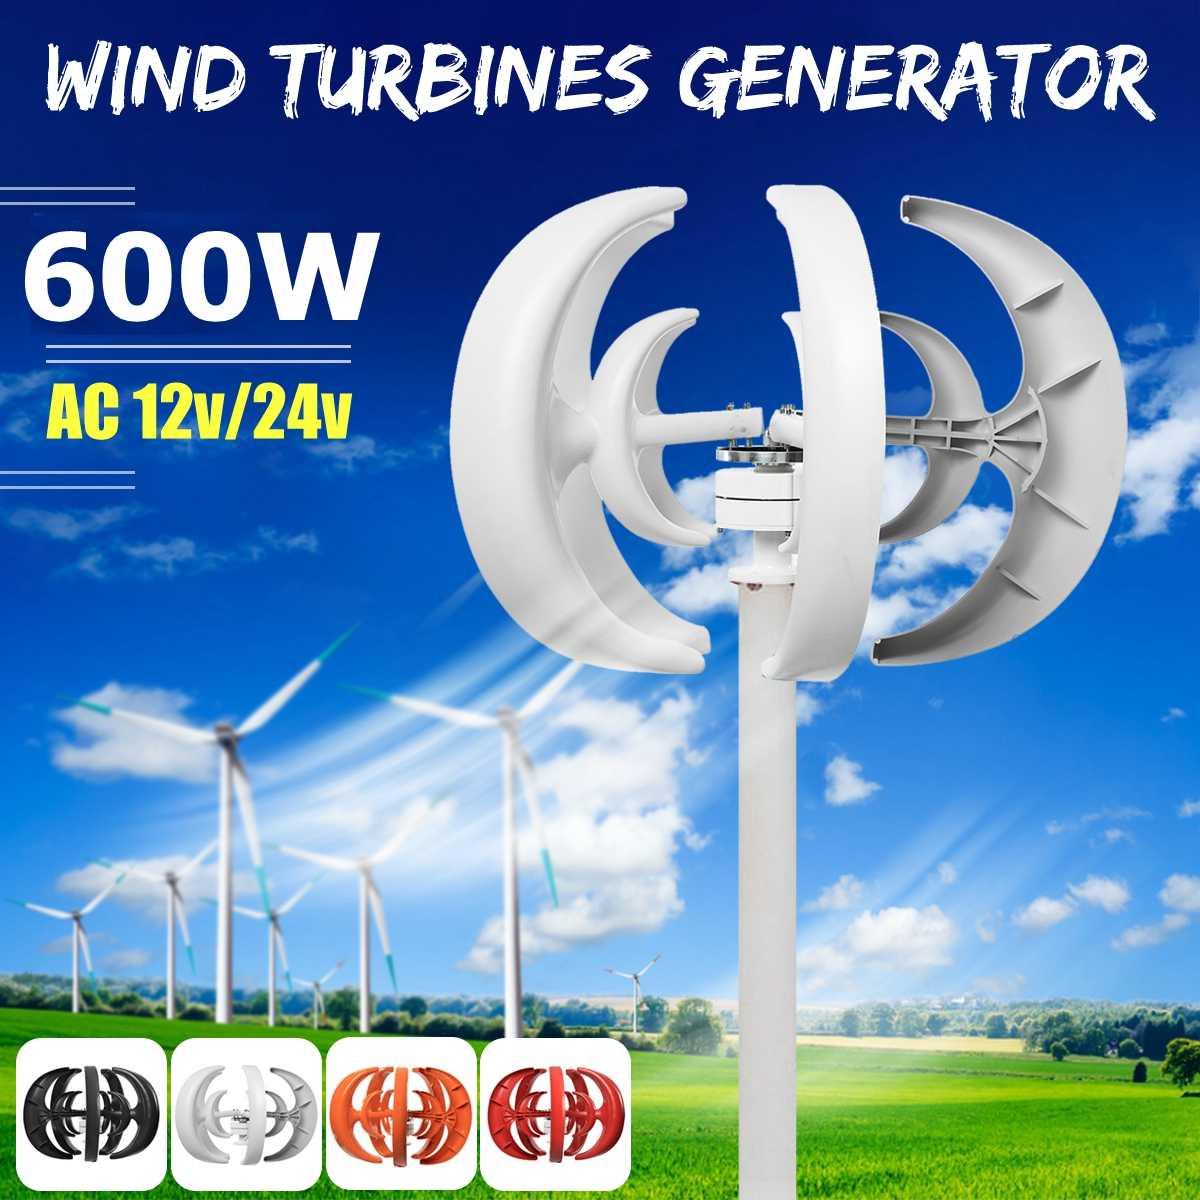 Max 600 w AC 12 v 24 v Generatore di Vento T urbine Lanterna 5 Lame Kit Motore Asse Verticale Per residenziale Per Uso Domestico Uso Lampione